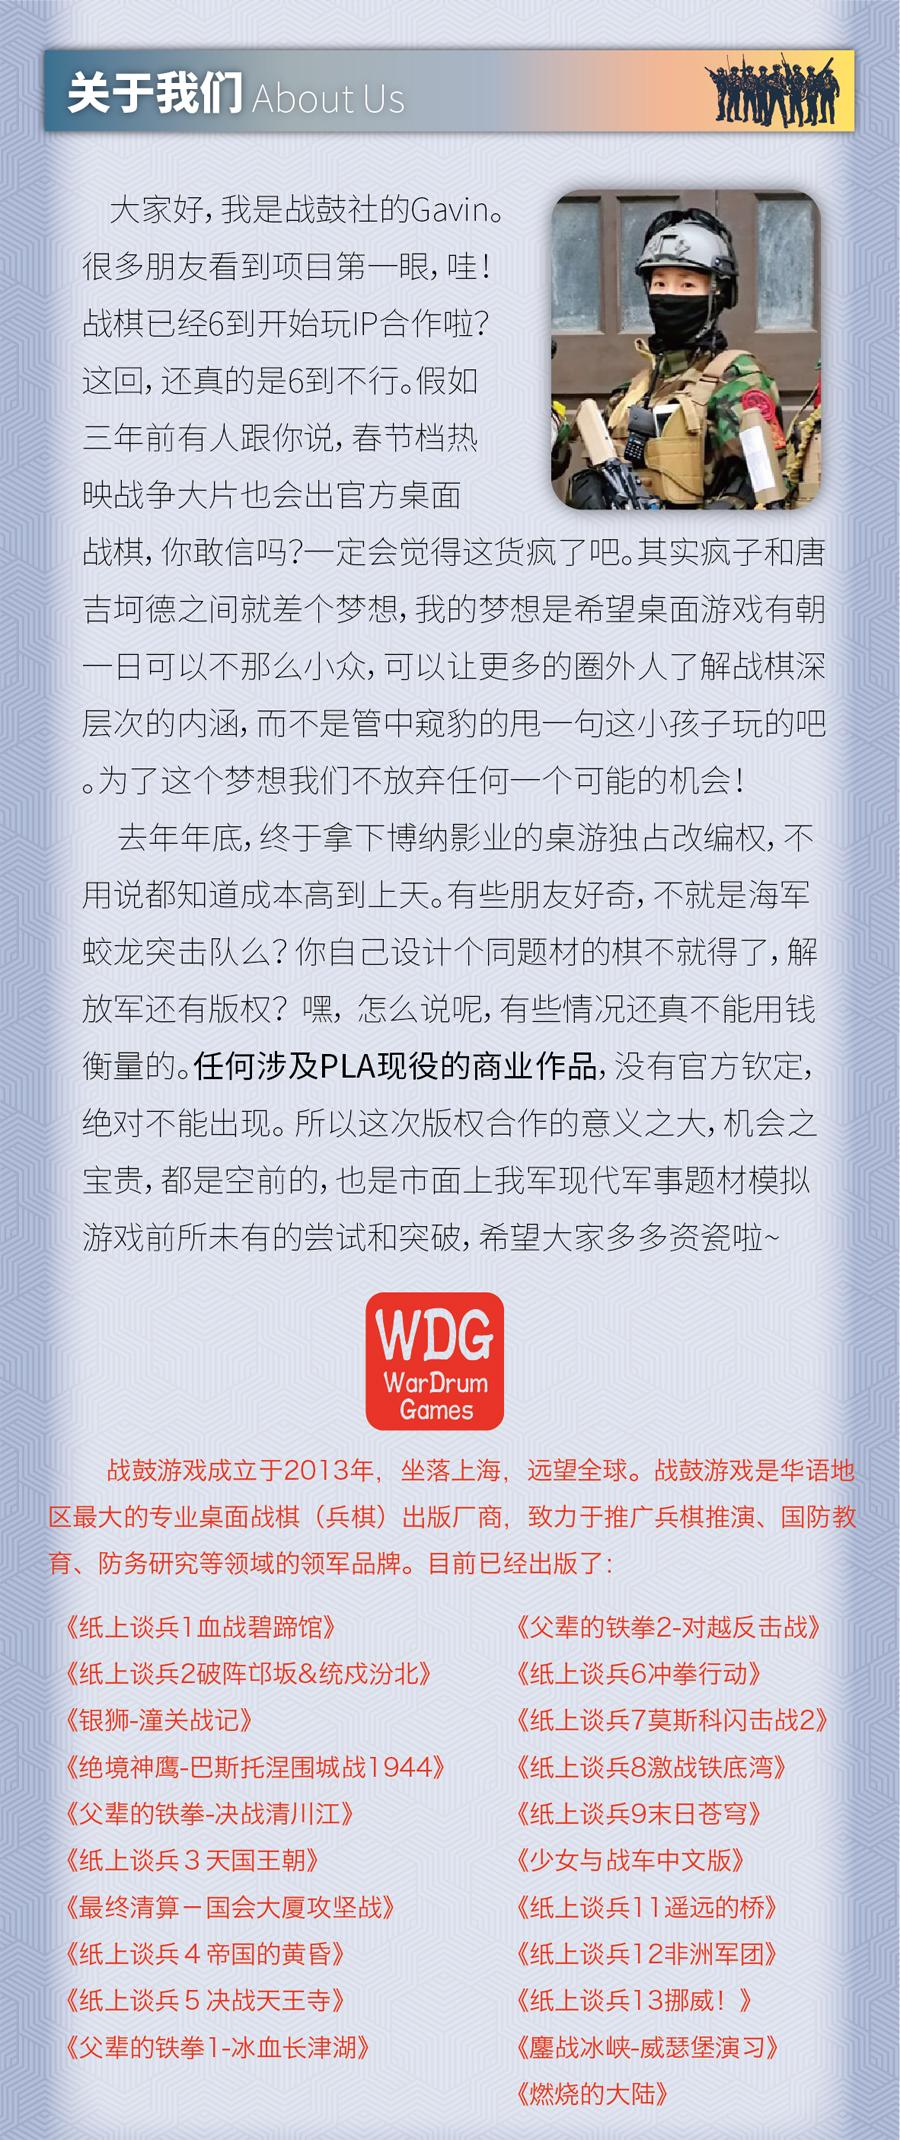 广告6.jpg